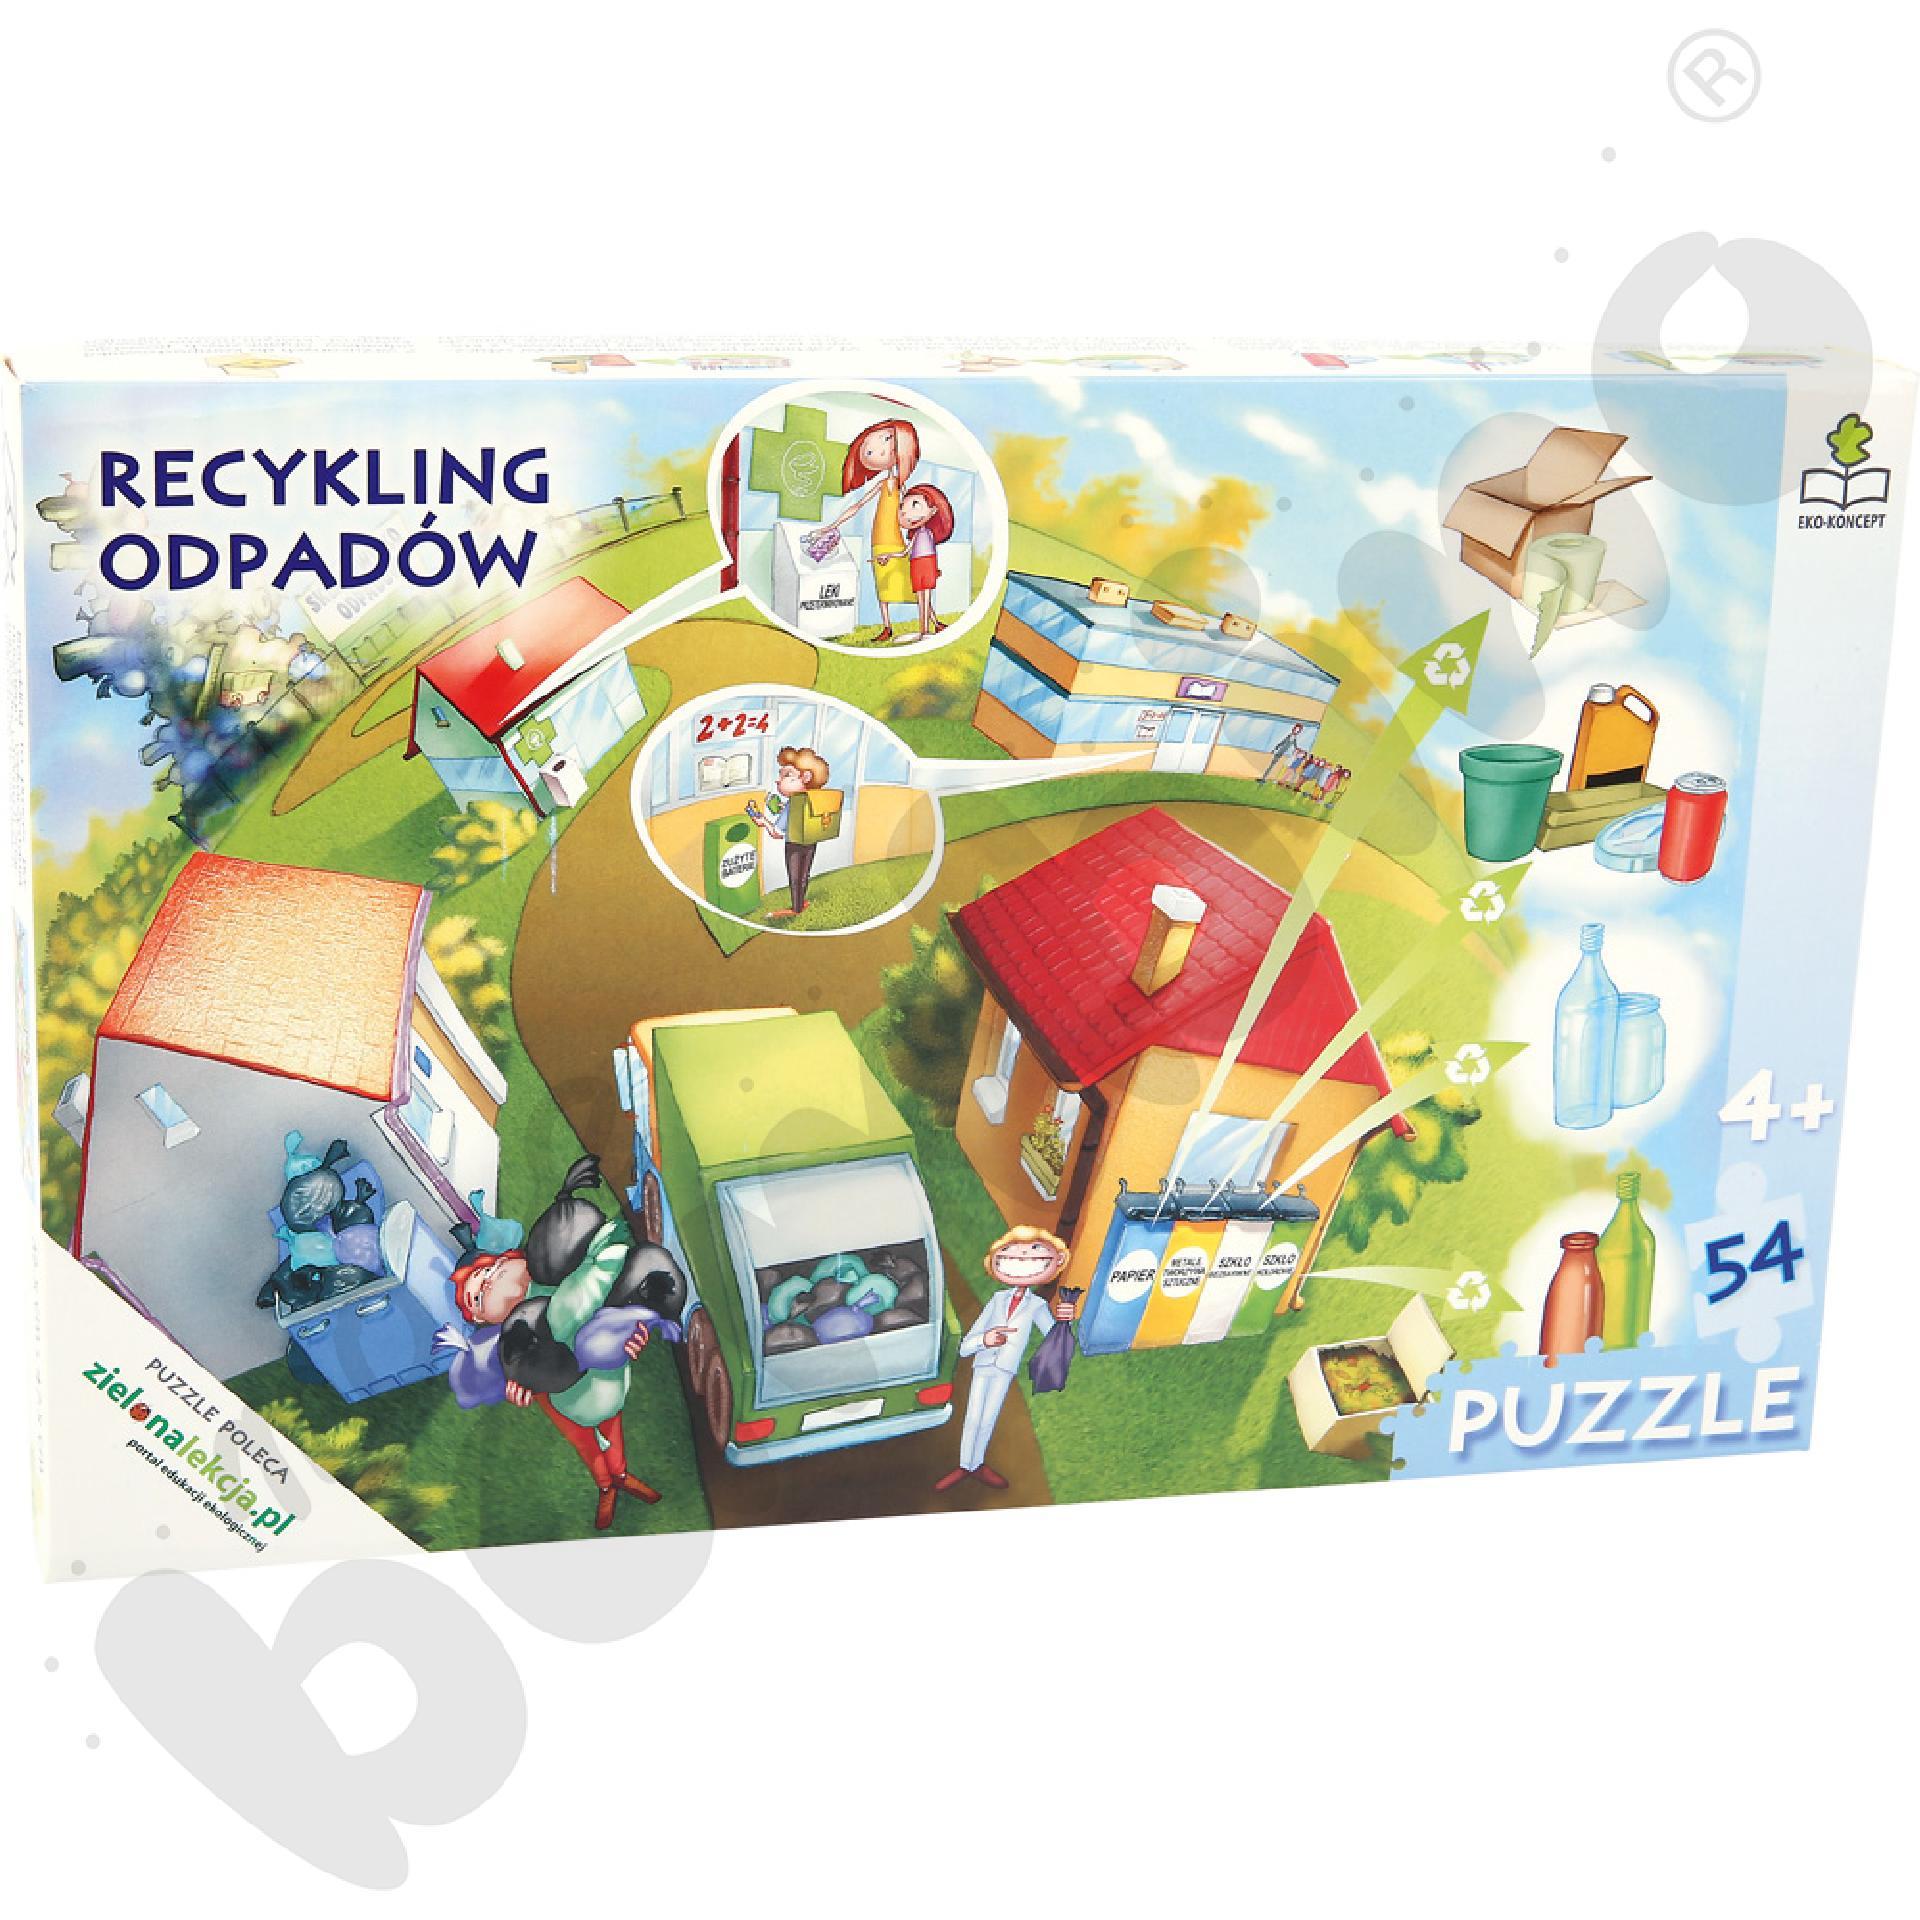 Recykling odpadów - puzzle